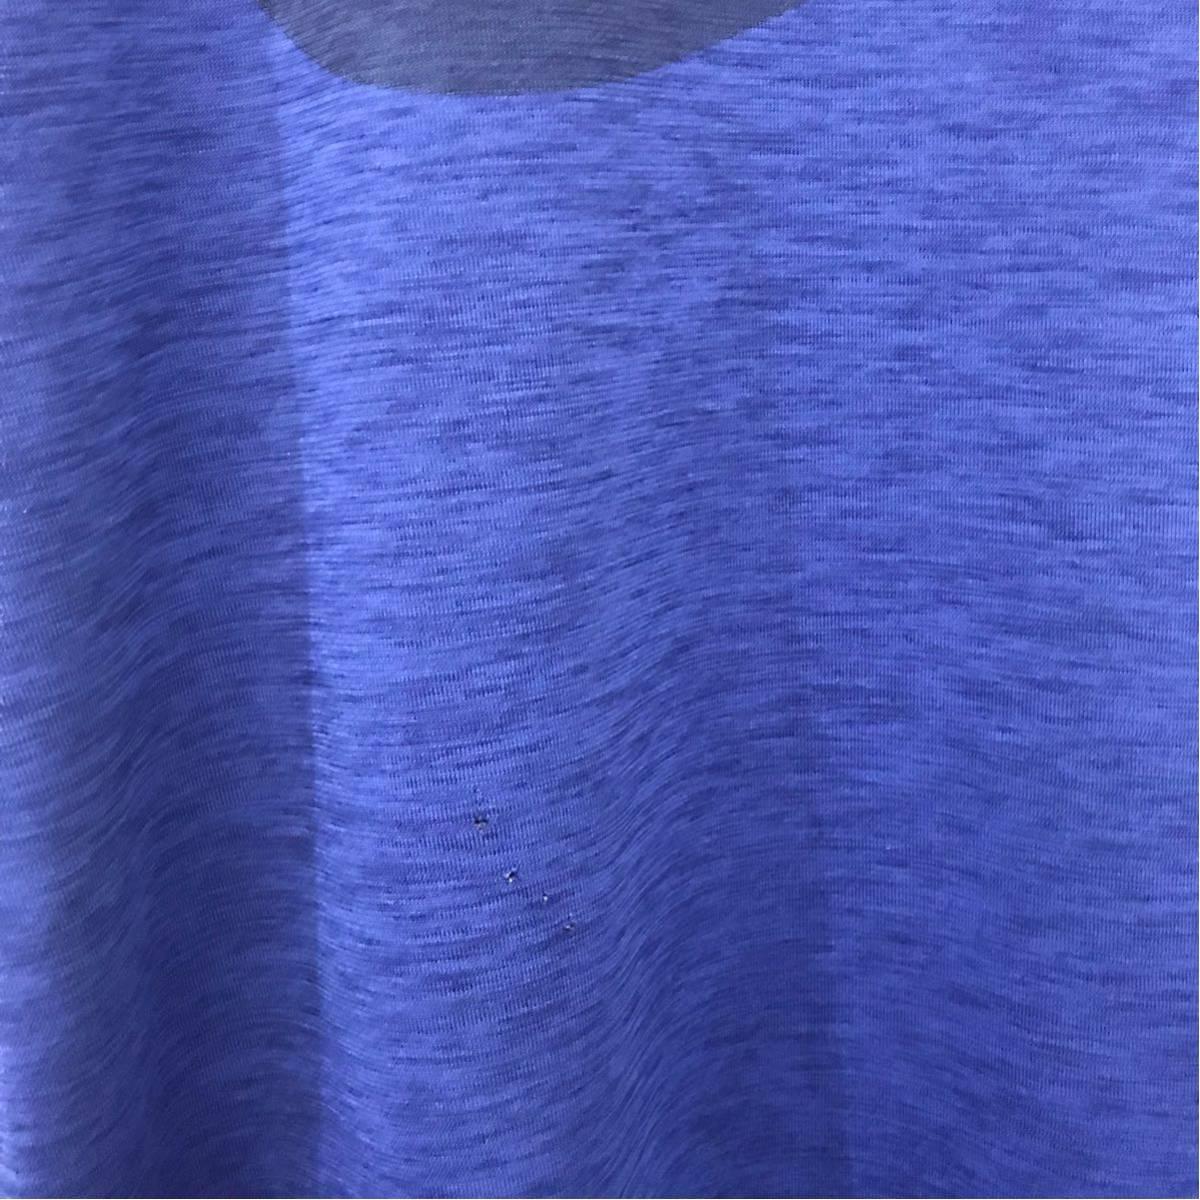 ナイキ NIKE トレーニングウェアー スポーツウェアー ジムウェアー ビッグロゴ ドライシャツ メンズSサイズ 穴あり ♭◇